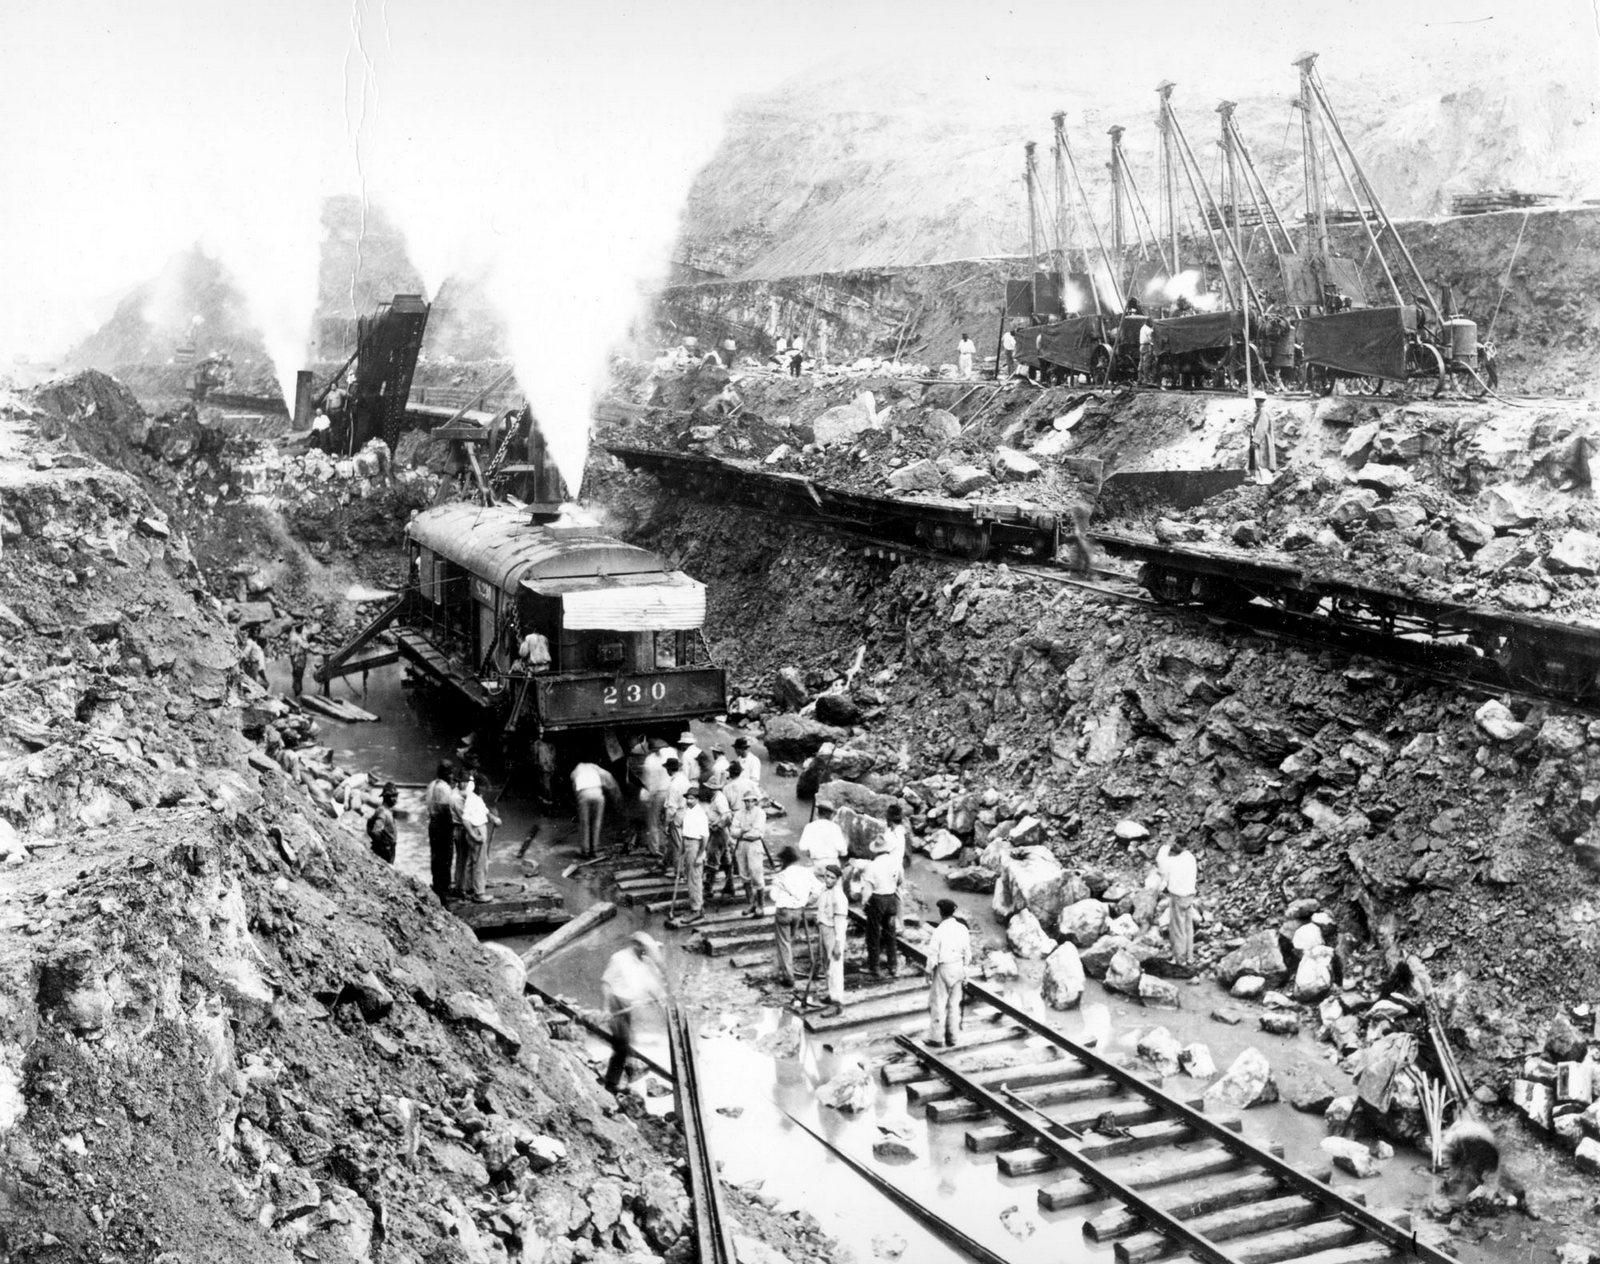 1914. Becslések szerint építése során 27 500 ember vesztette életét. A munkát járványok és földcsuszamlások nehezítették. Megépítése az emberiség történetének legnagyobb vállalkozásai közé tartozik..jpg